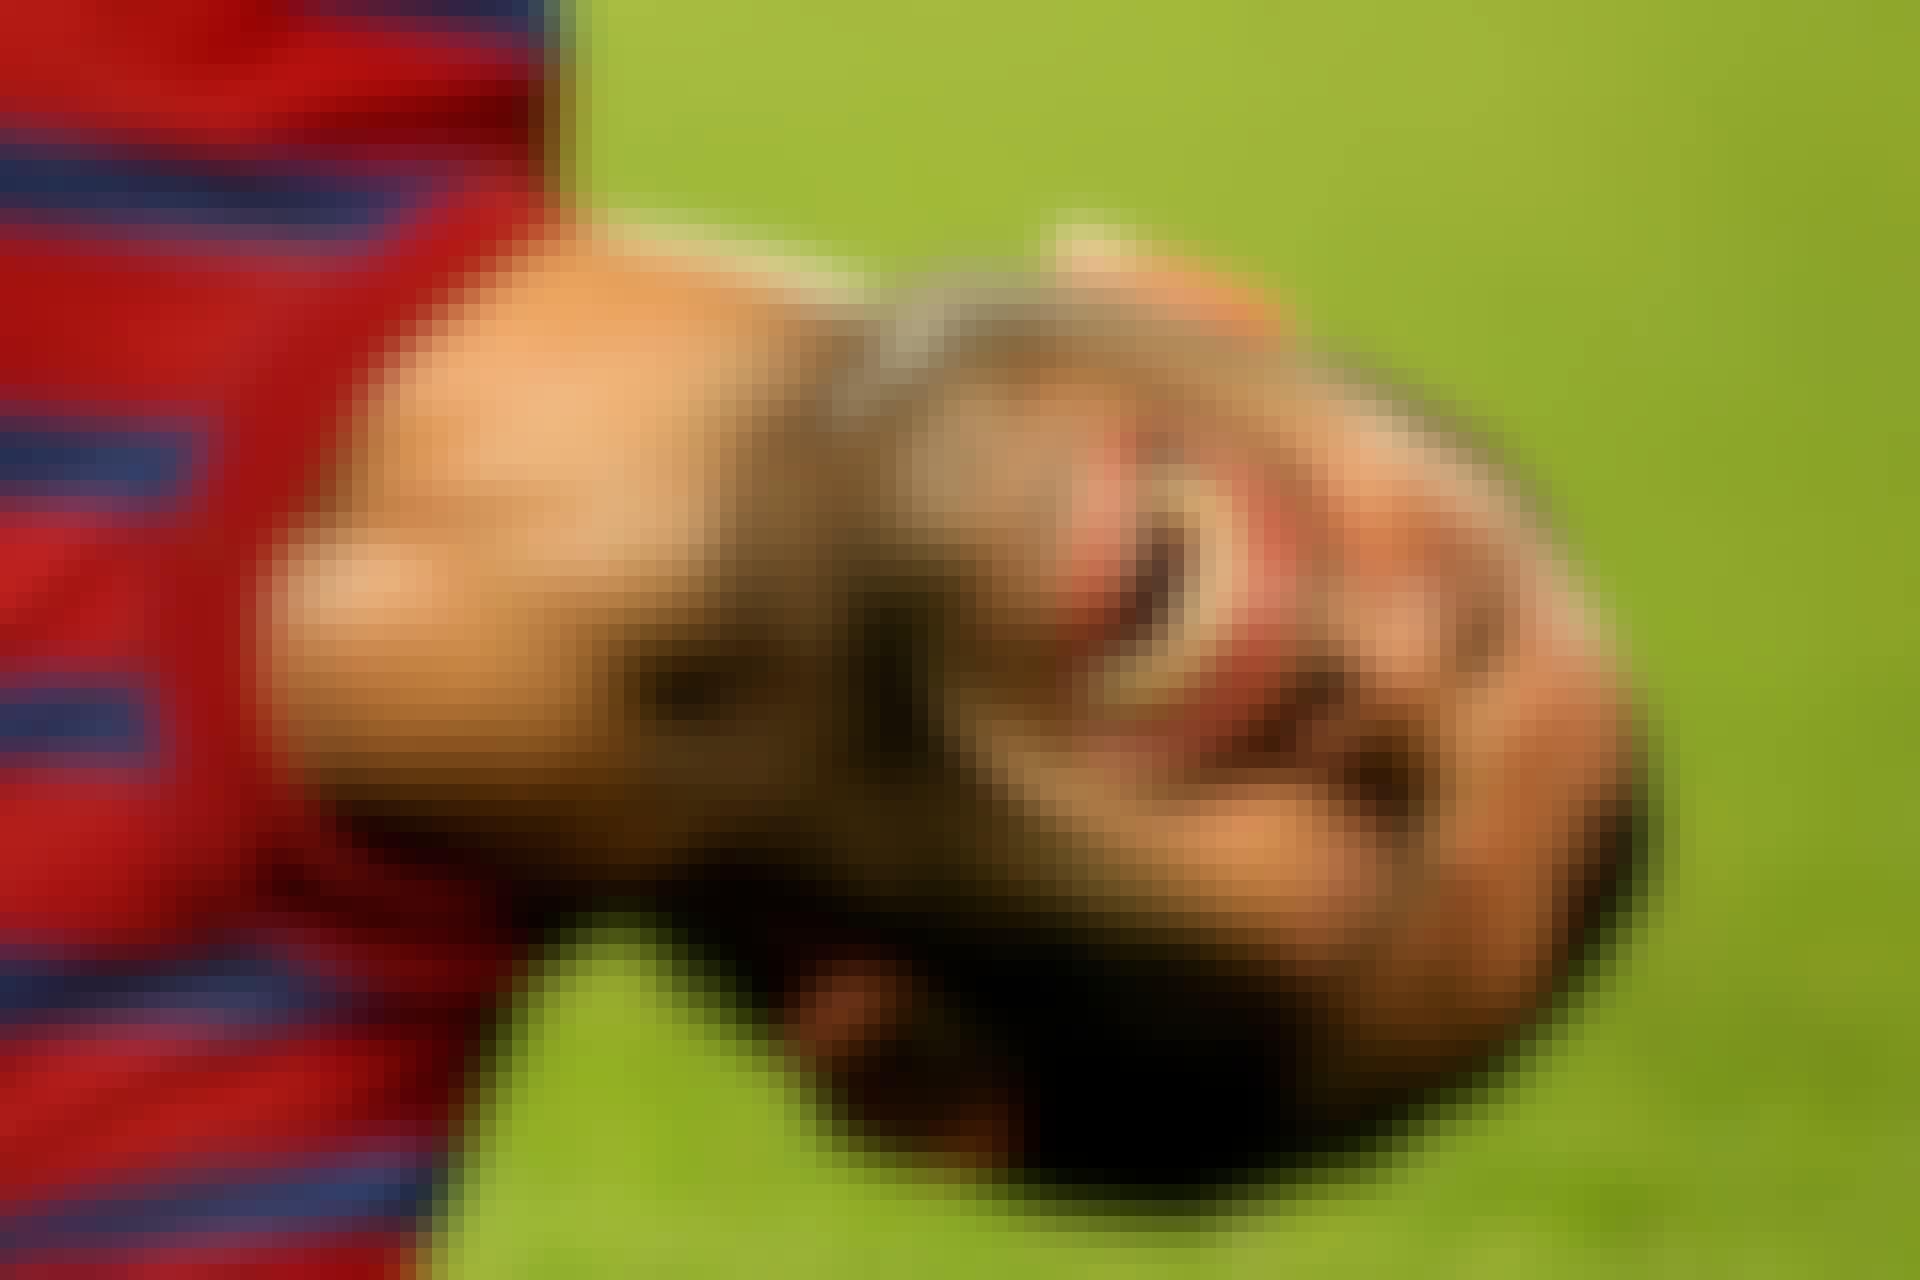 Sähkövirta jalkapallo